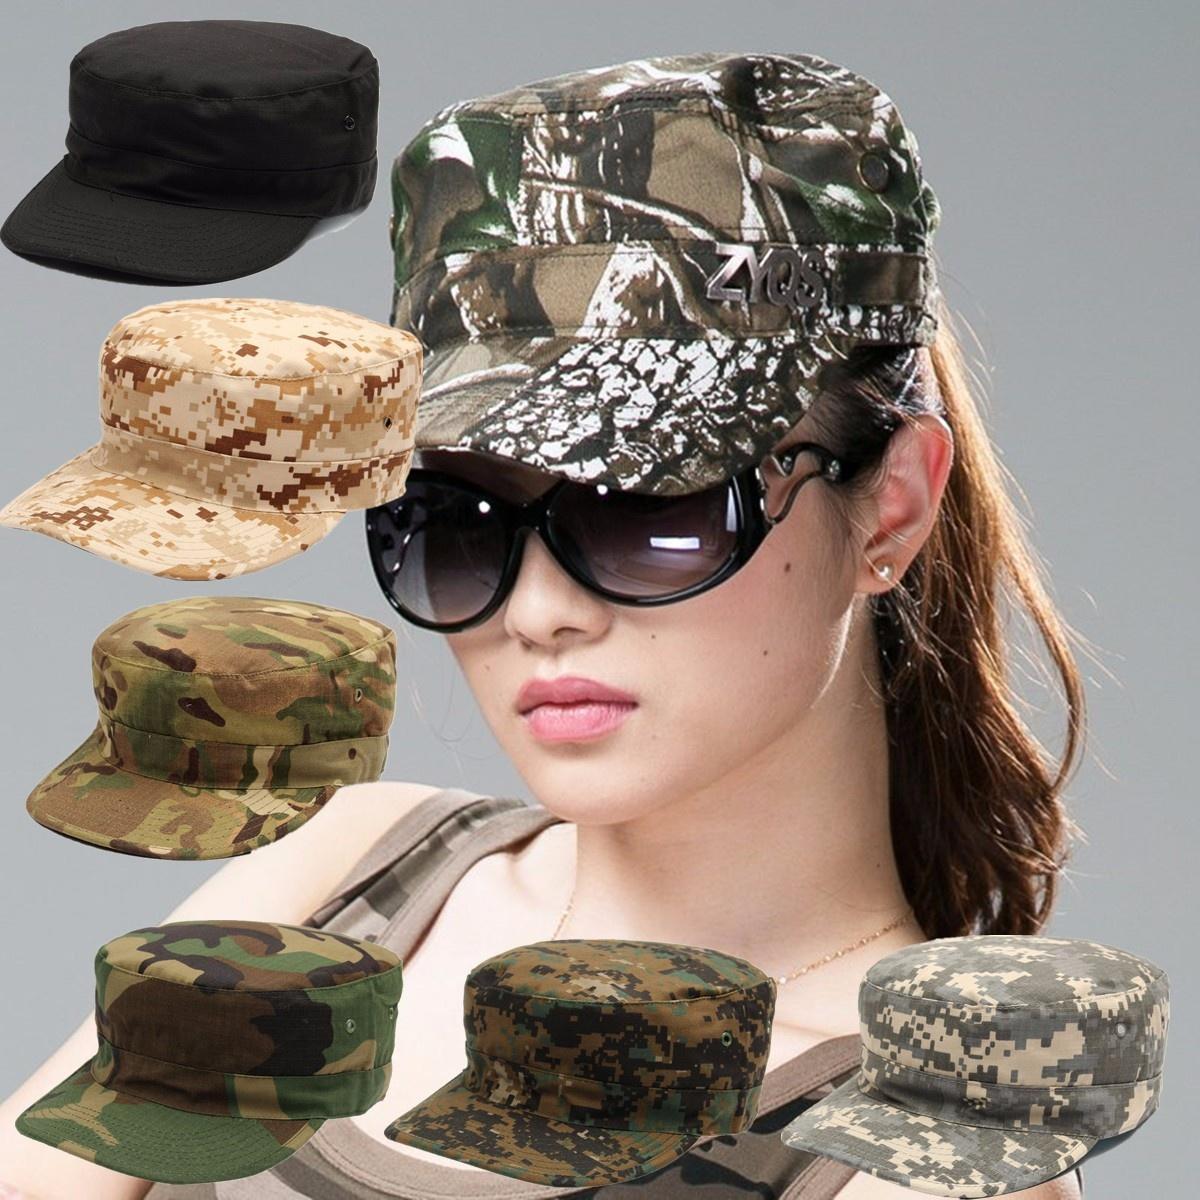 Новый камуфляж военный камуфляж армии кадет хлопок Hat Cap багажник на опель кадет 1991г выпуска